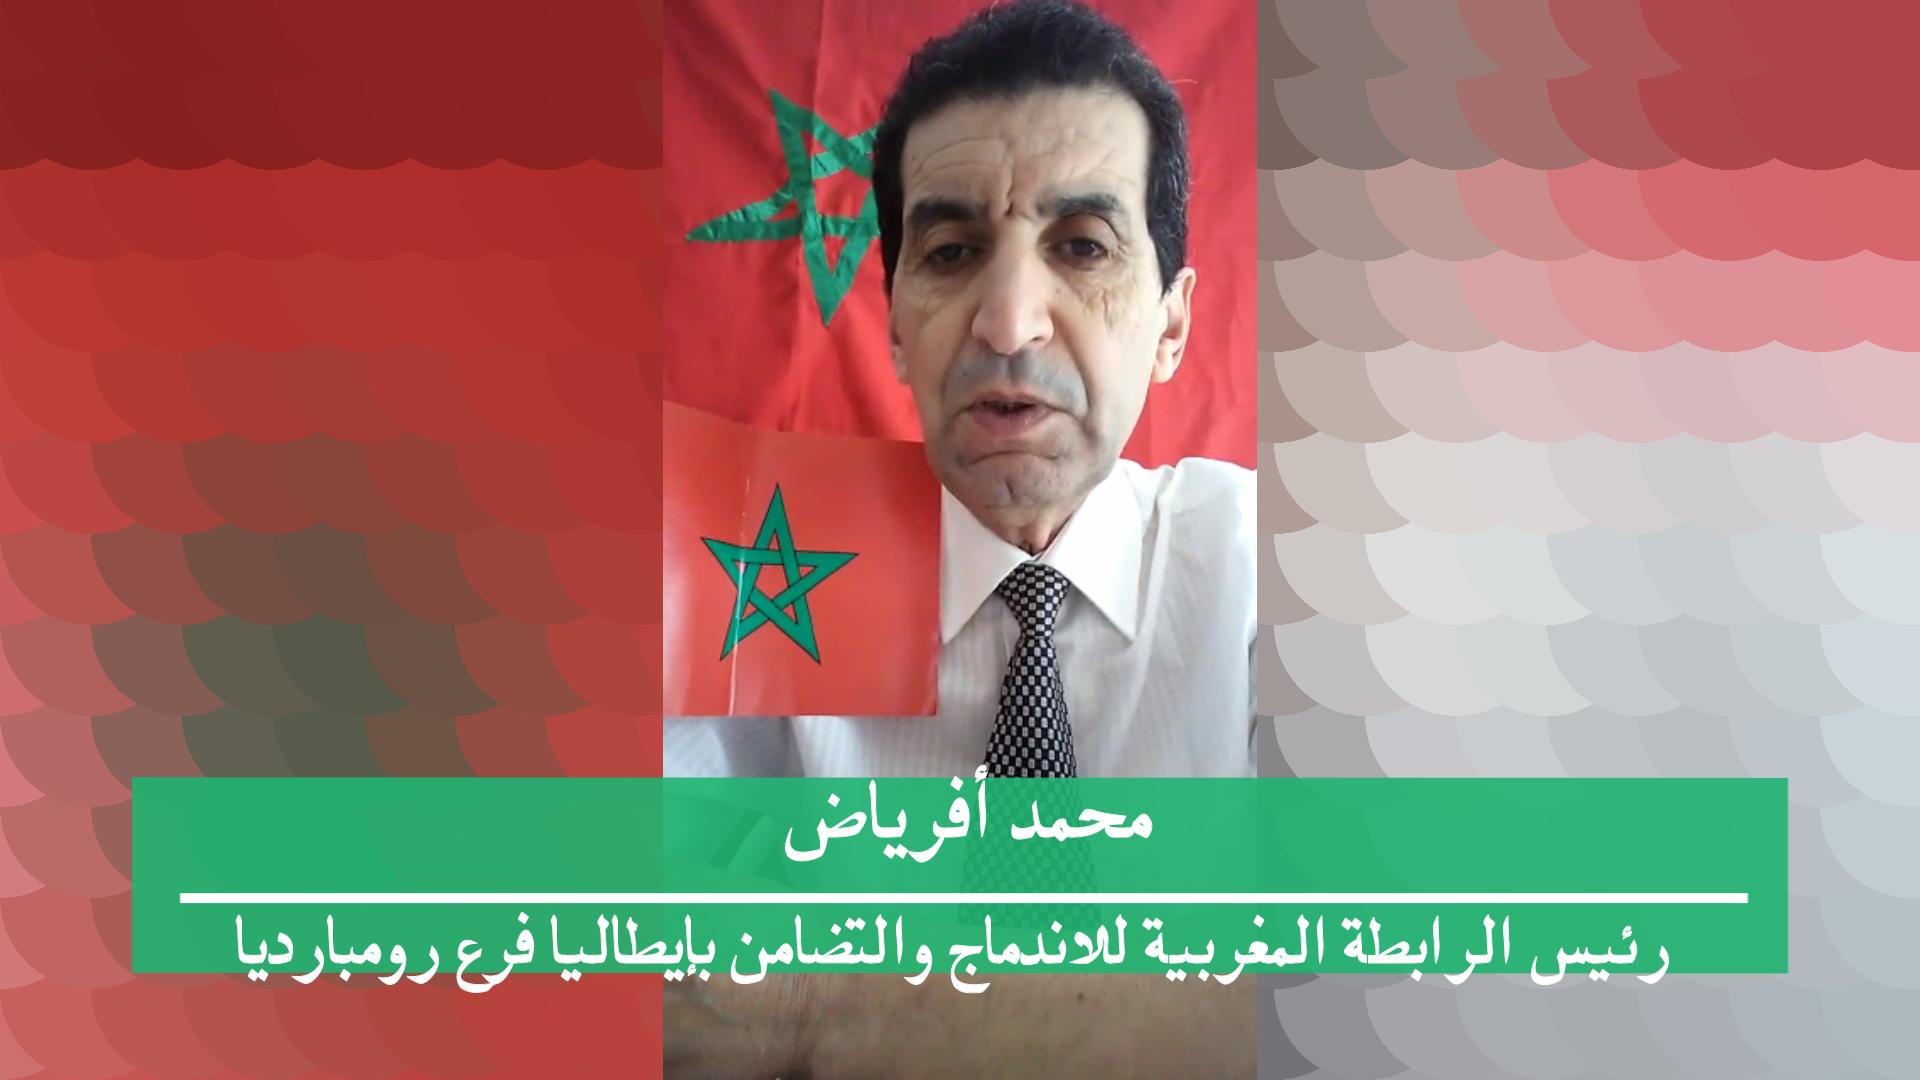 فيديو : مهاجر مغربي من أصول تزنيتية يوجه رسالة إلى المغاربة من الديار الإيطالية